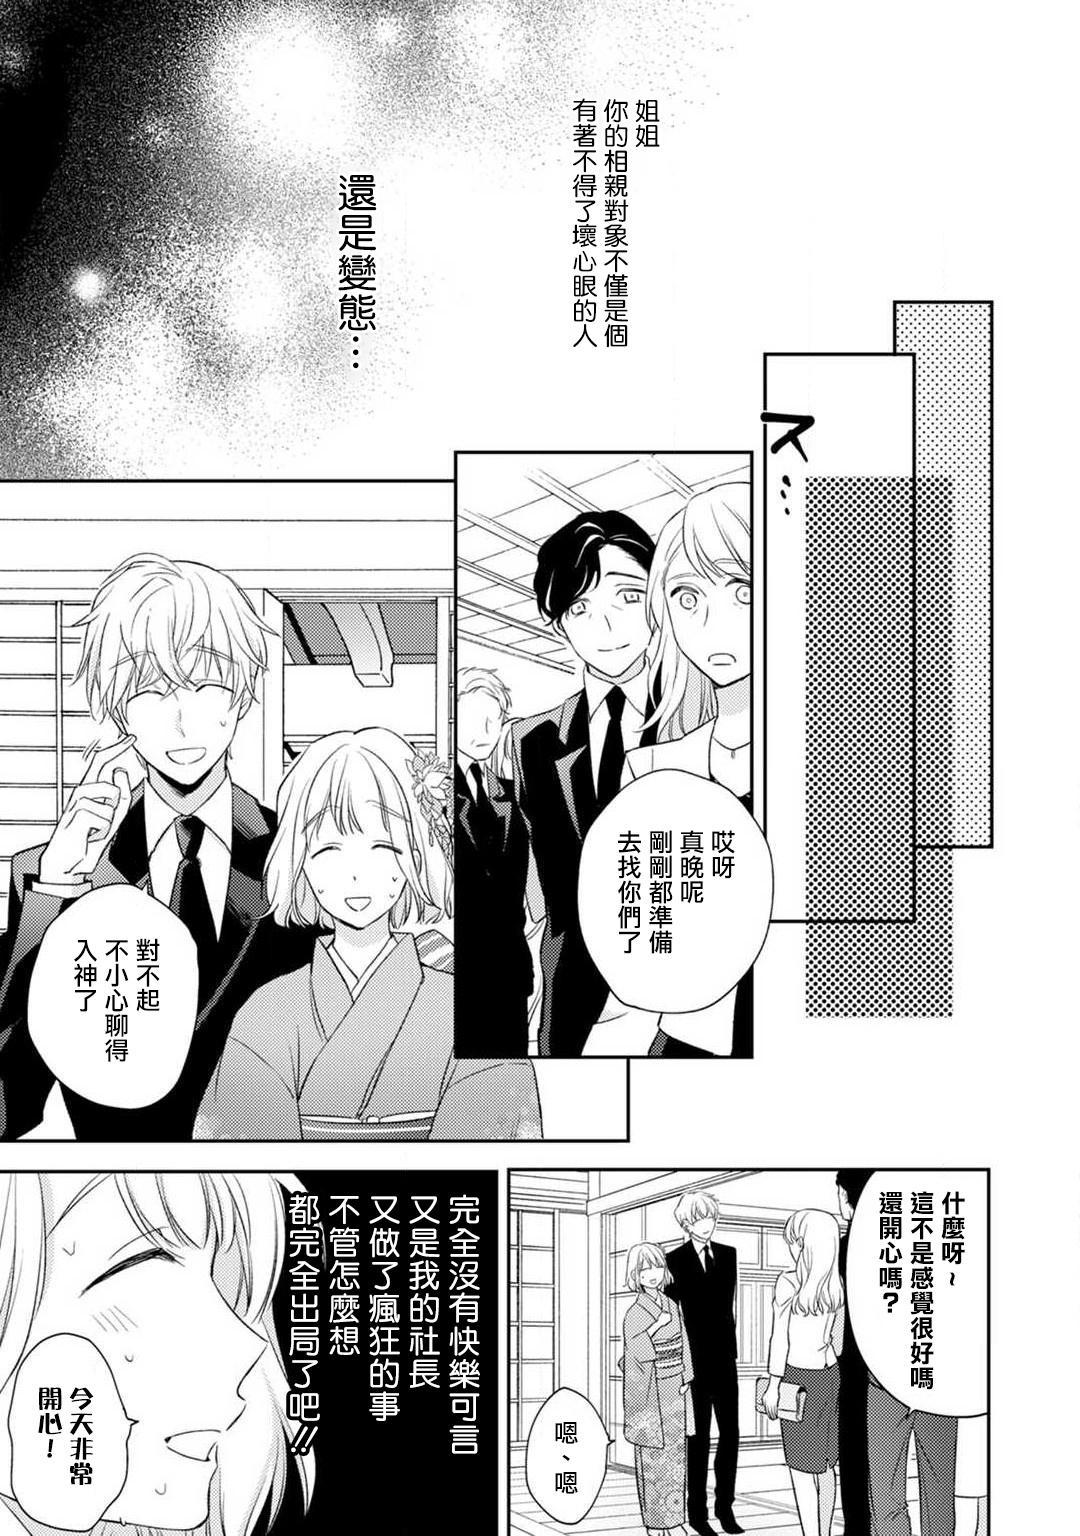 [Shichigatsu Motomi]  Sonna Kao shite, Sasotteru? ~Dekiai Shachou to Migawari Omiaikekkon!?~ 1-7 | 這種表情,在誘惑我嗎?~溺愛社長和替身相親結婚!? act.1 [Chinese] [拾荒者汉化组] 27